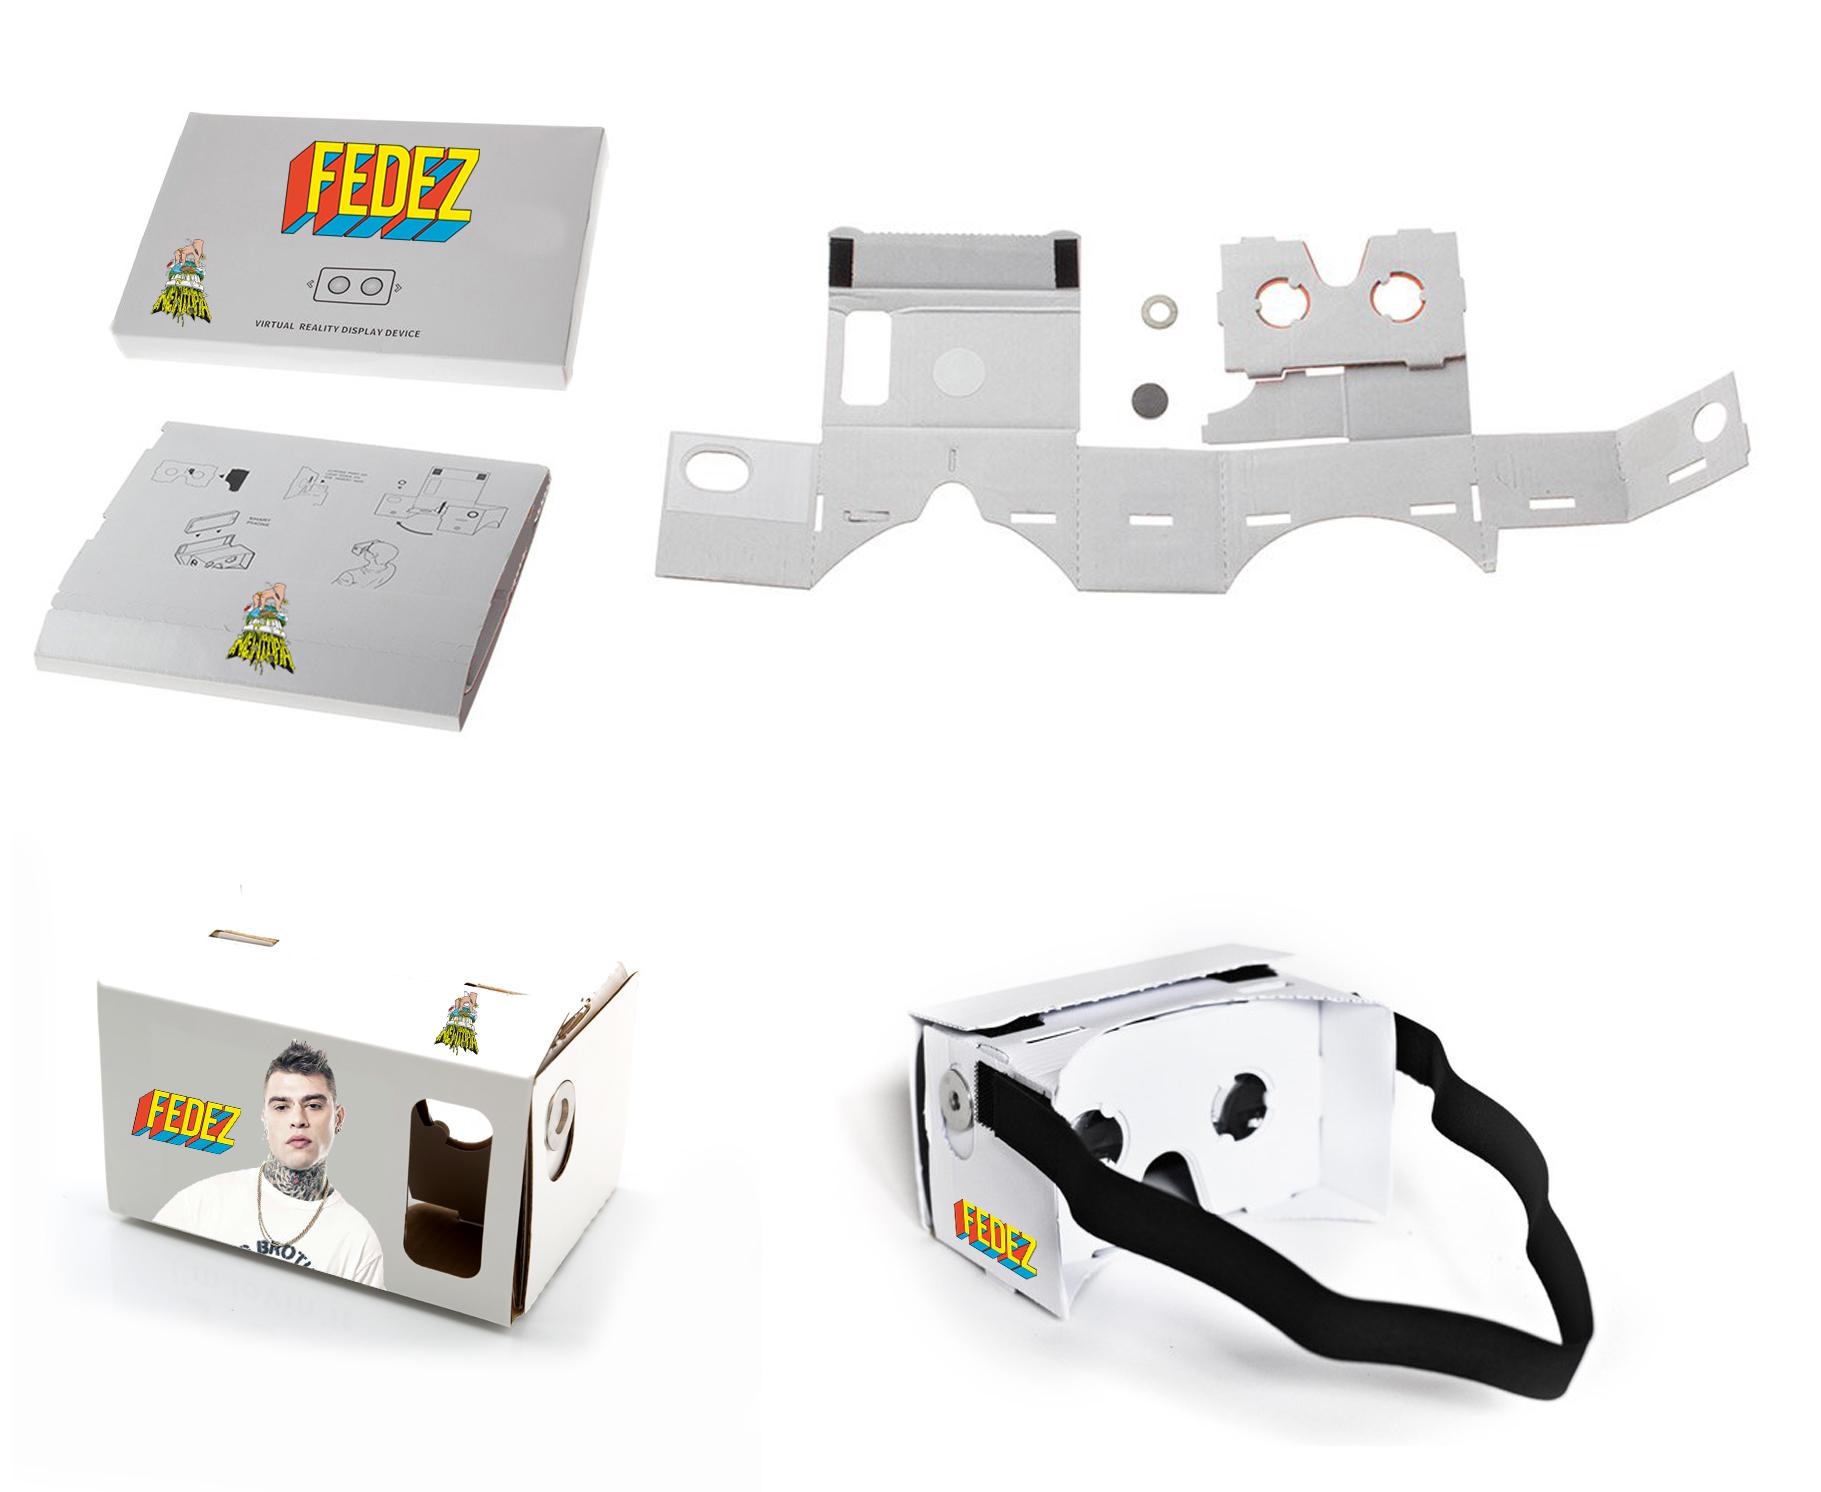 Augmenta occhiali cartone Google Cardboard per applicazioni di realtà virtuale - occhiali personalizzati per realta virtuale immersiva